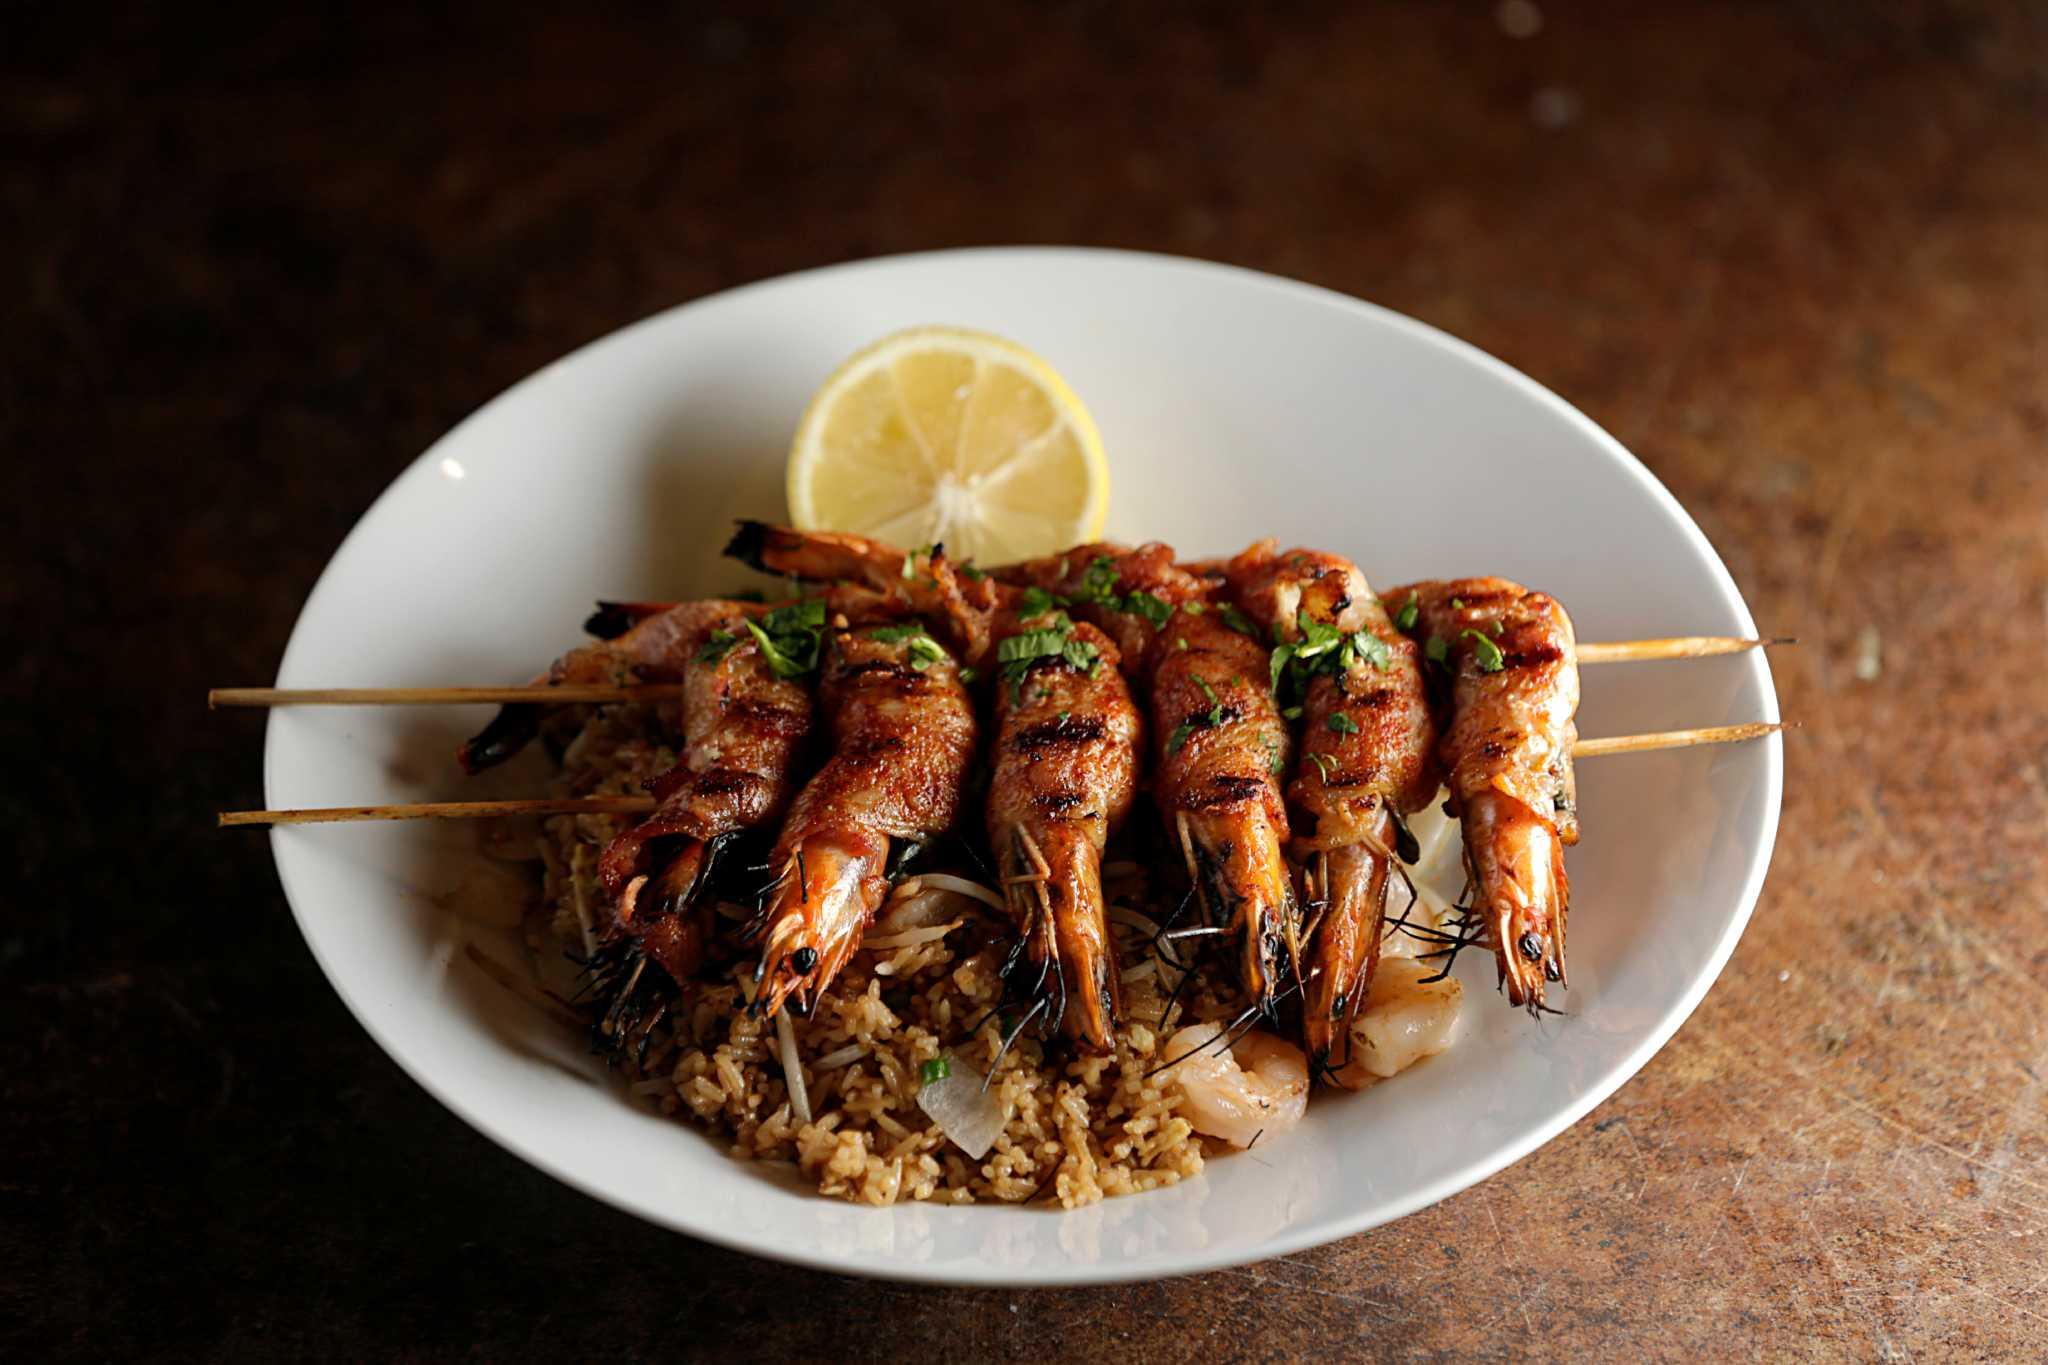 Review: Wayne Nguyen's food thrills at affordable Maba Pan-Asian Diner